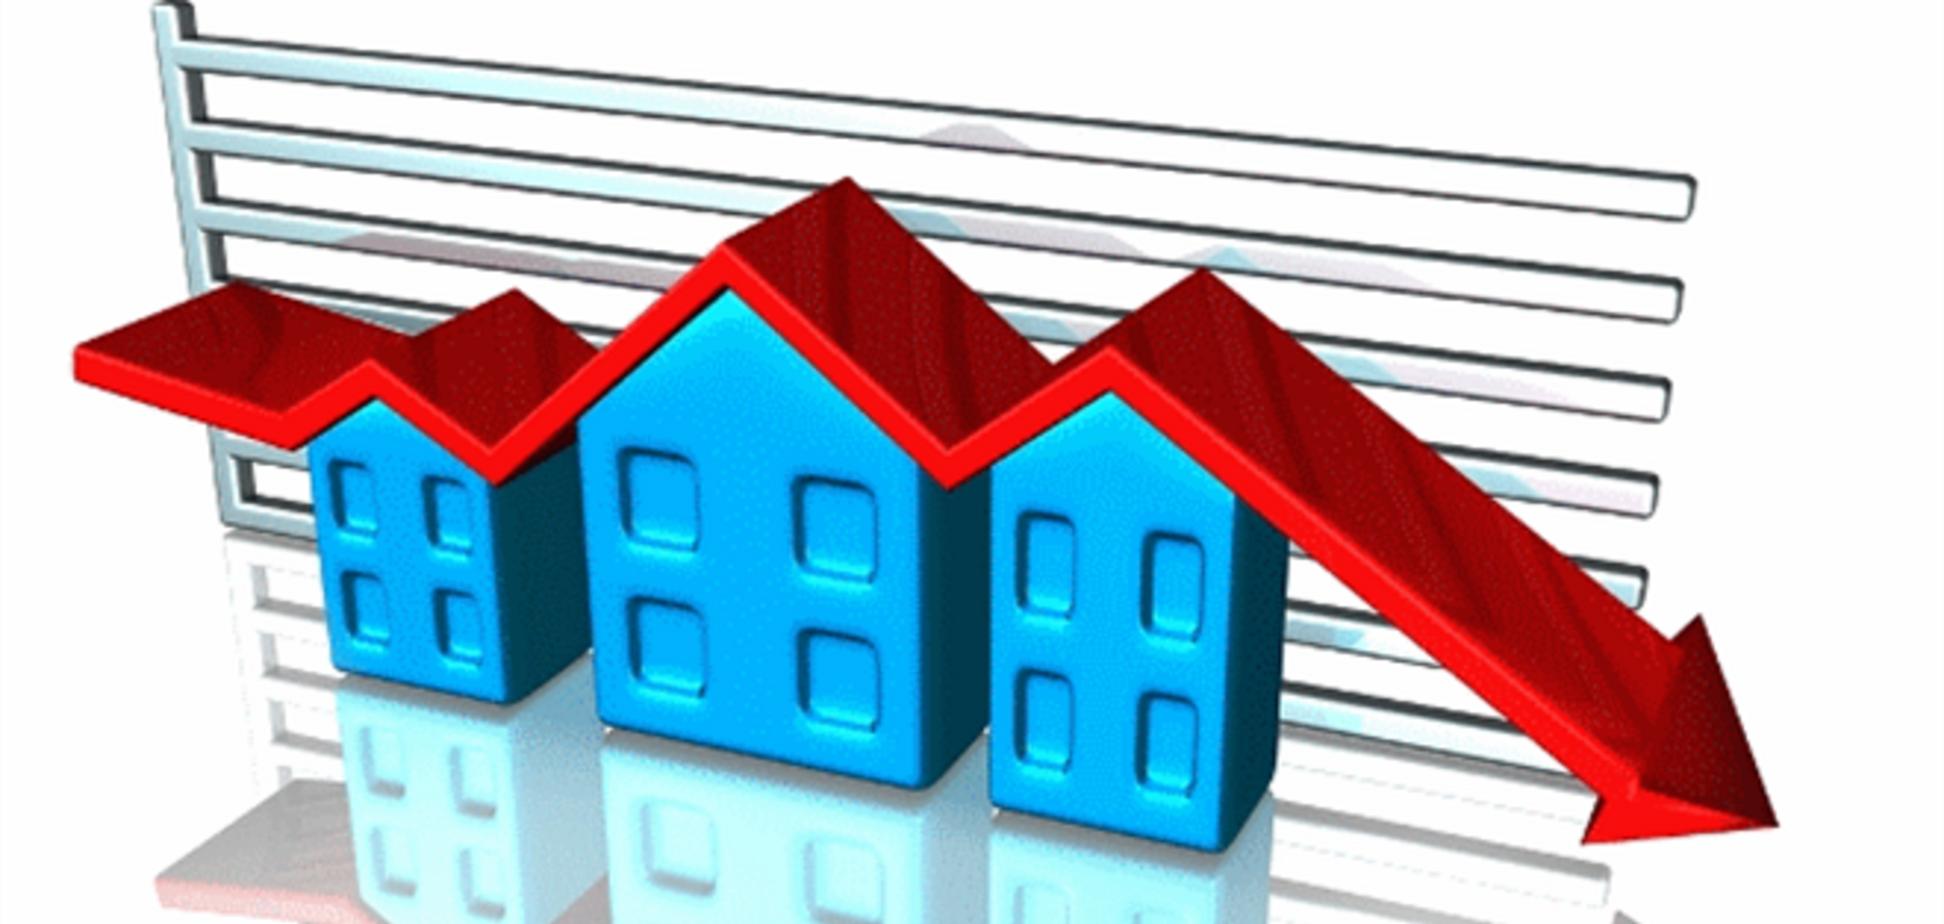 Эксперт: обвала рынка недвижимости осенью не будет